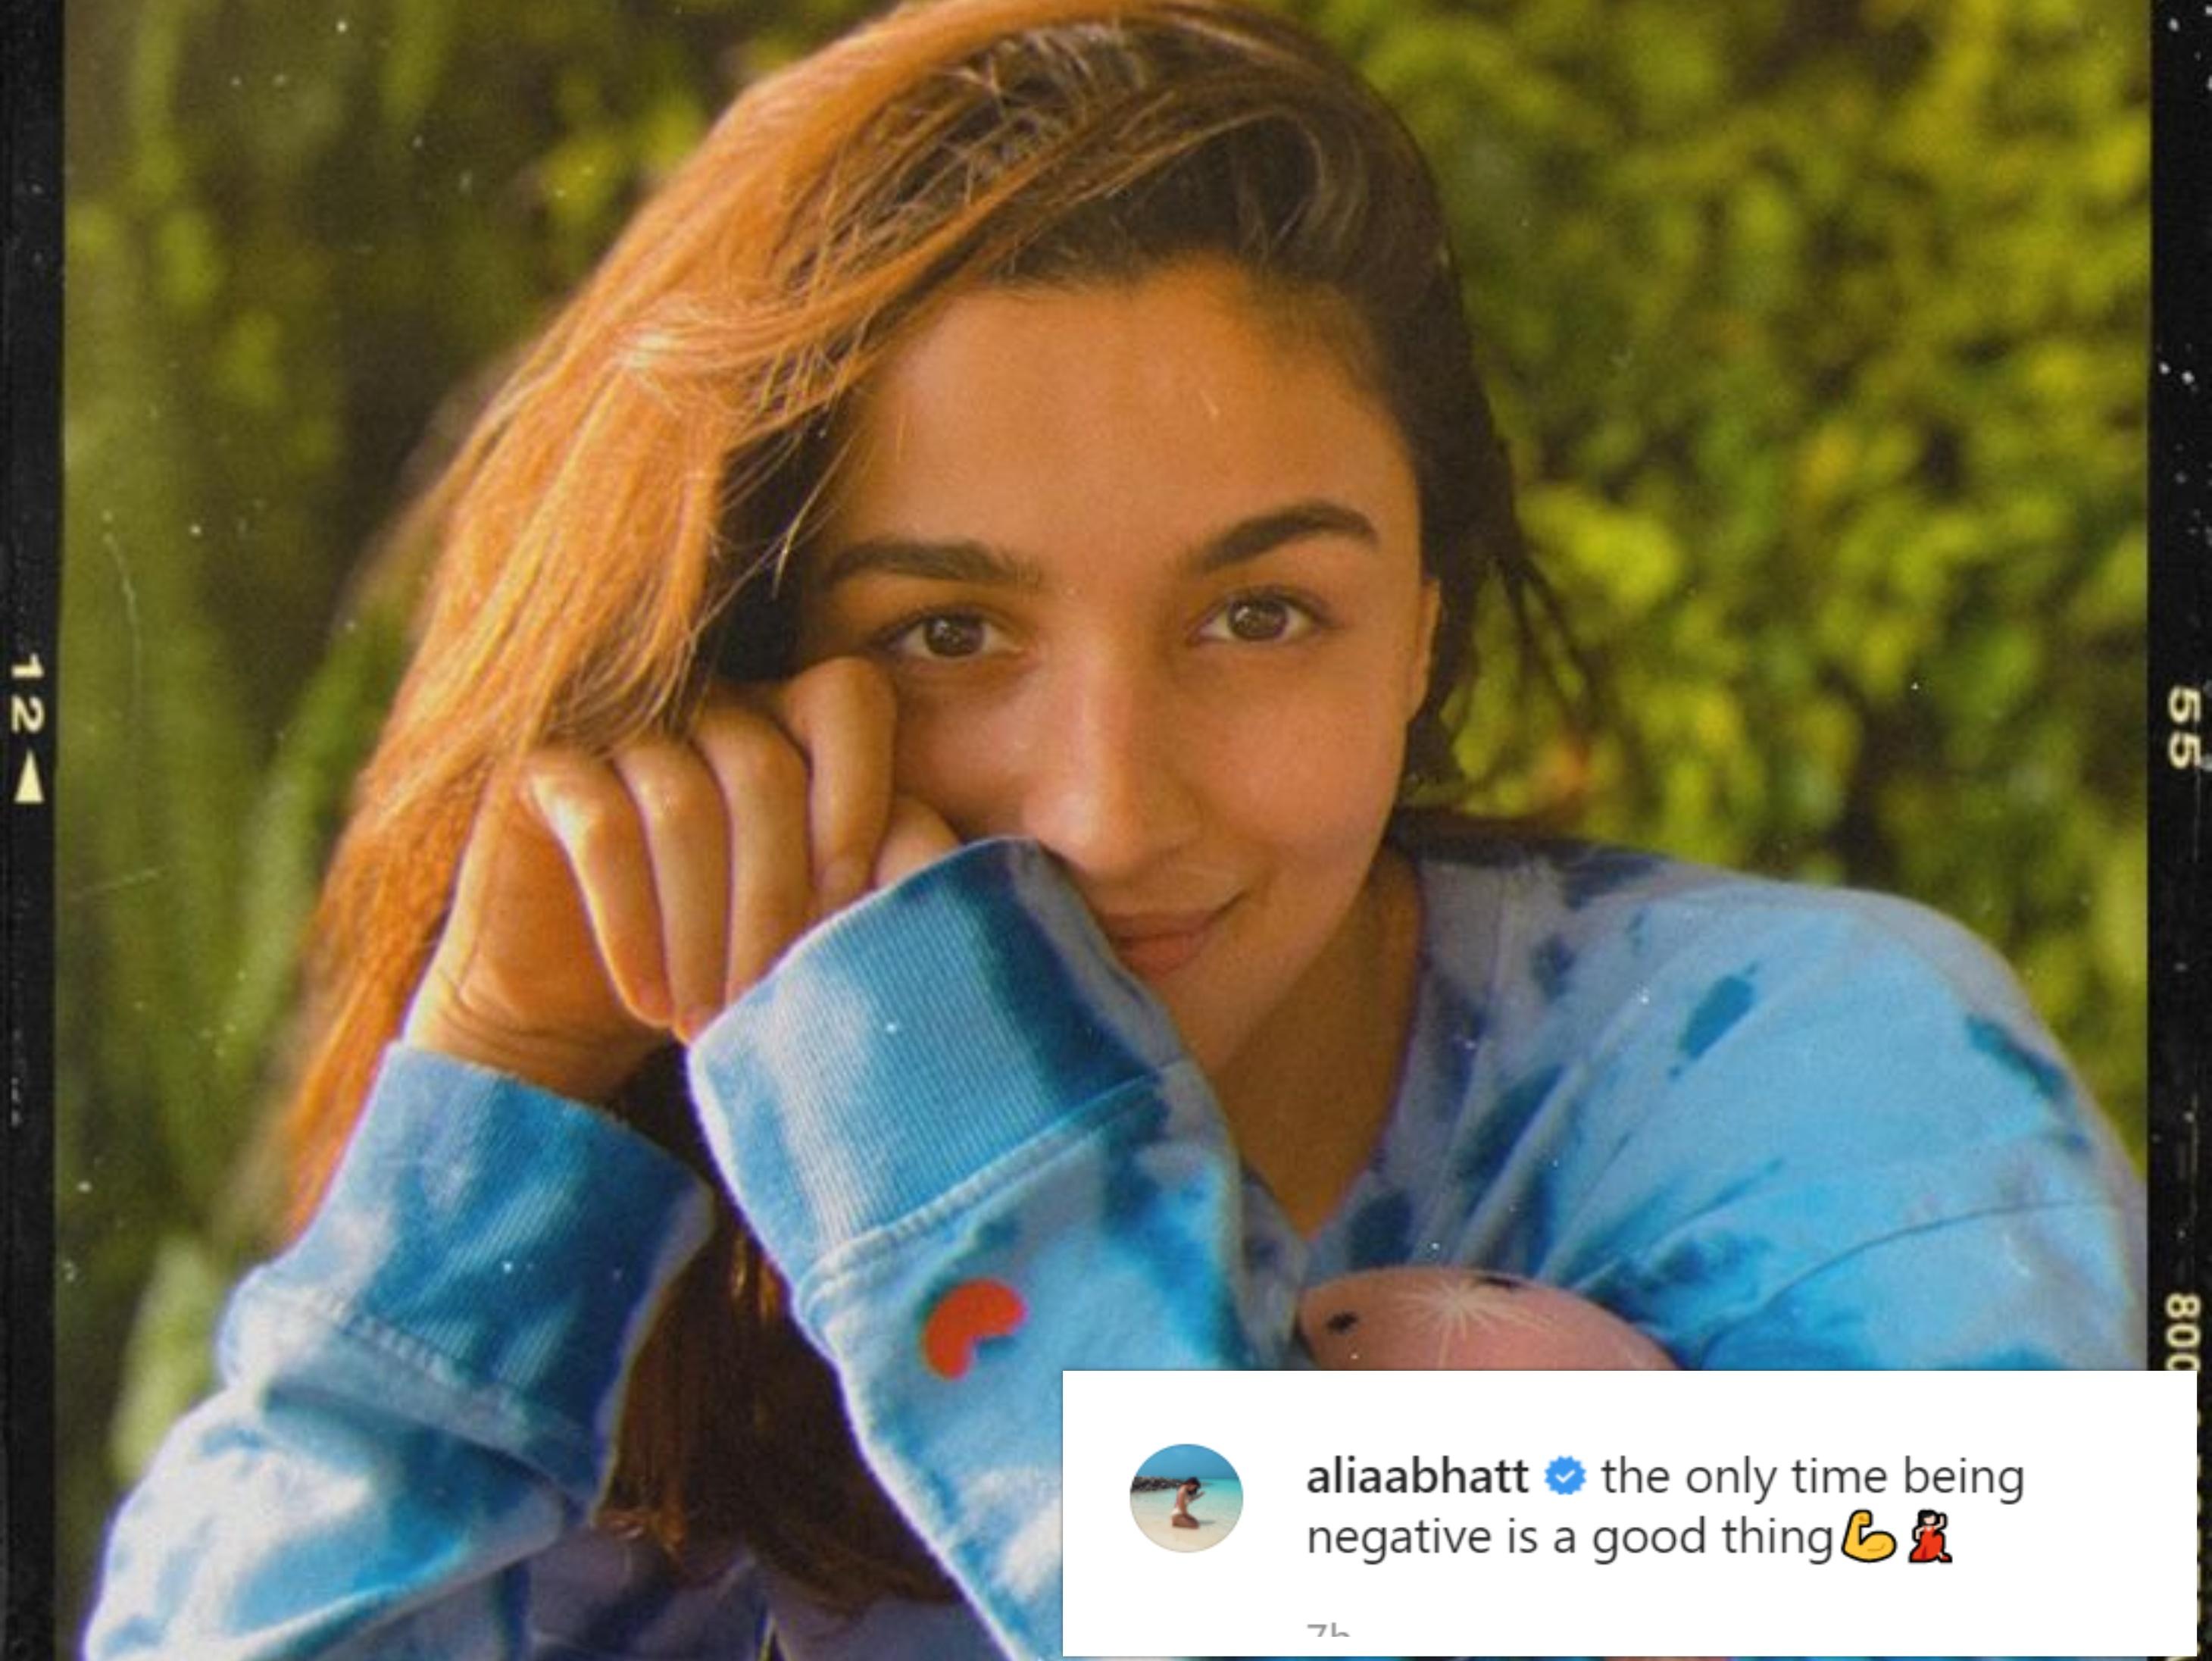 आलिया भट्ट को मिला कोरोना वायरस से छुटकारा, फोटो शेयर कर लिखा- ये वो वक्त है जब निगेटिव होना अच्छा है|बॉलीवुड,Bollywood - Dainik Bhaskar